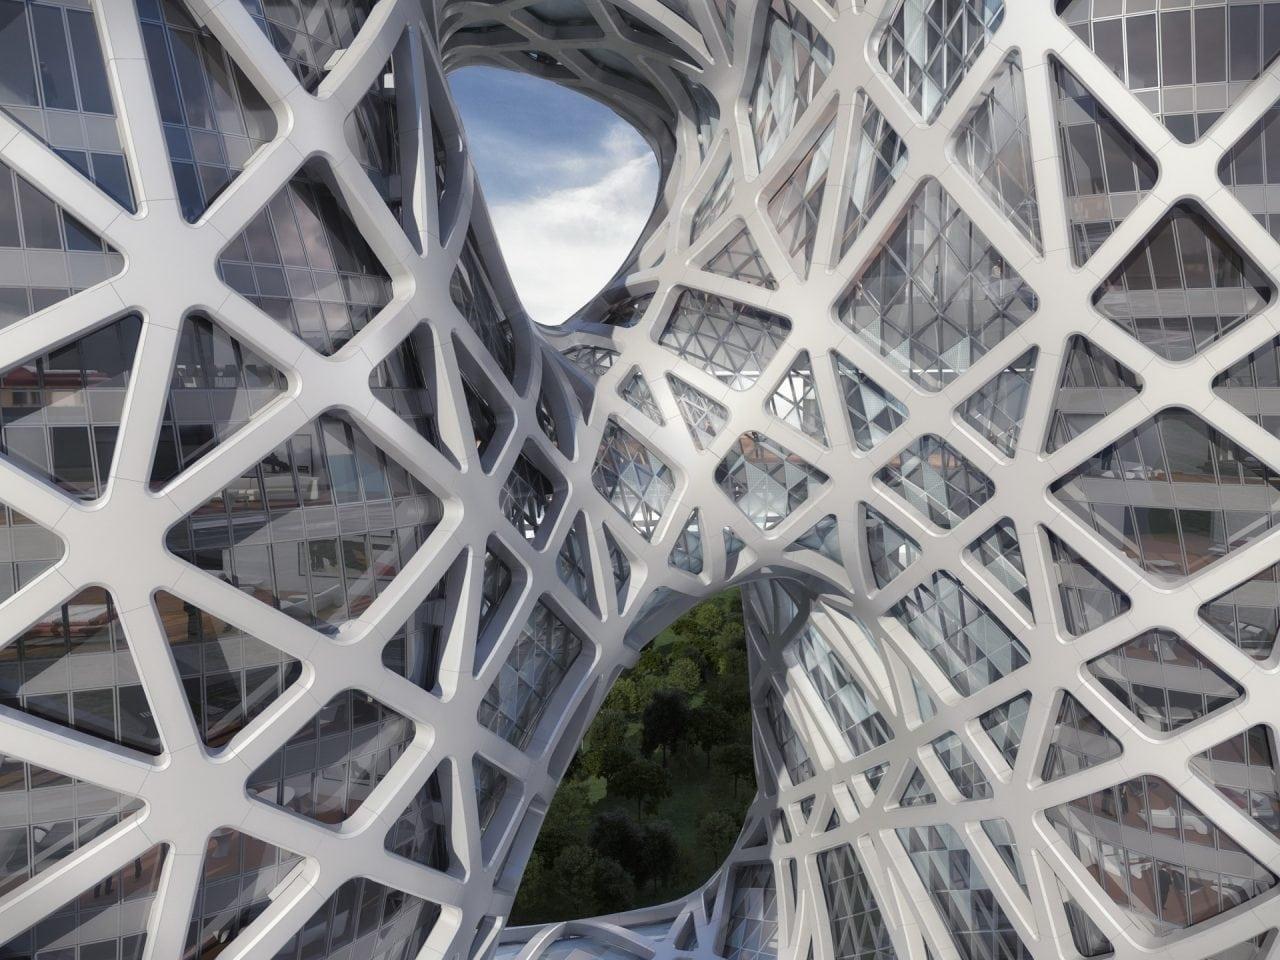 6ab3fa65b8534e32bd206c1e73256764 - Zaha Hadid – Expresia geniului in Futurism